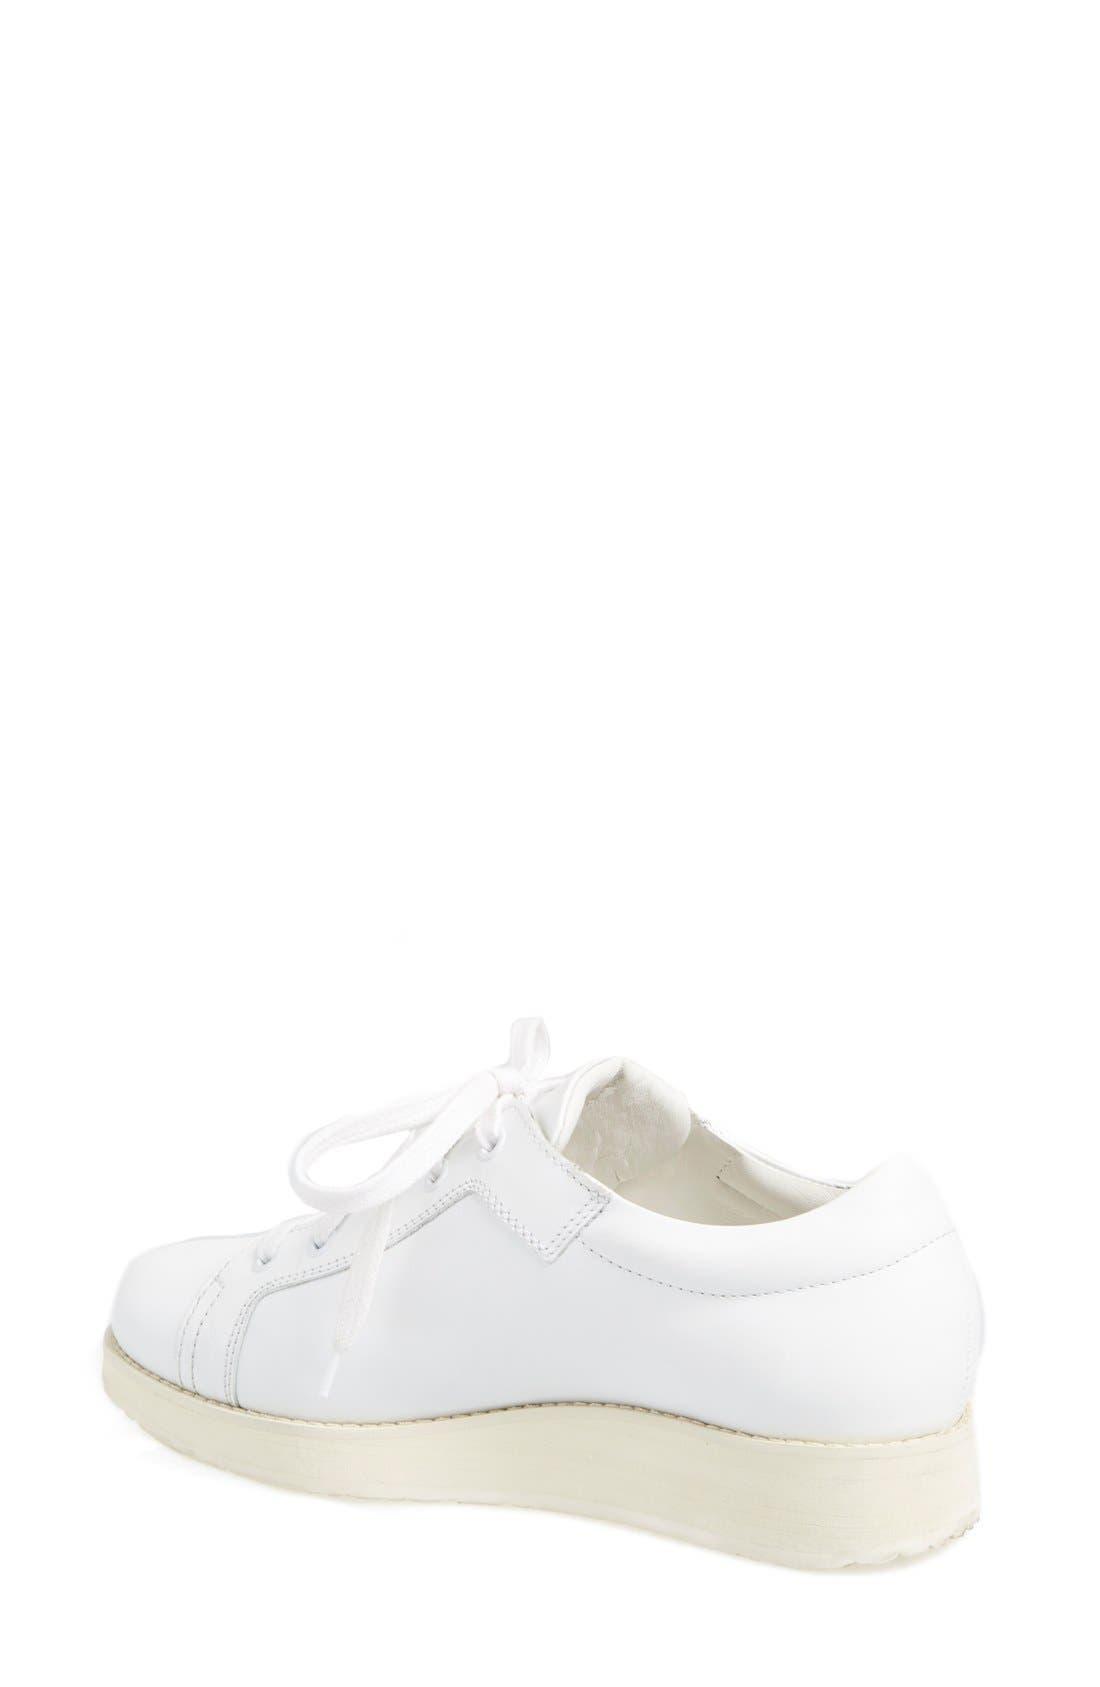 Kobe Platform Sneaker,                             Alternate thumbnail 5, color,                             100